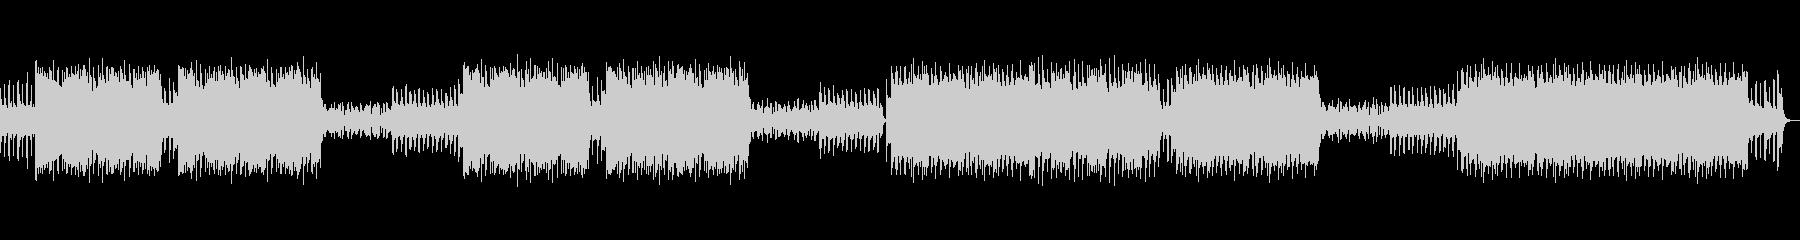 シンセサイザーを使用したノリのいいBGMの未再生の波形